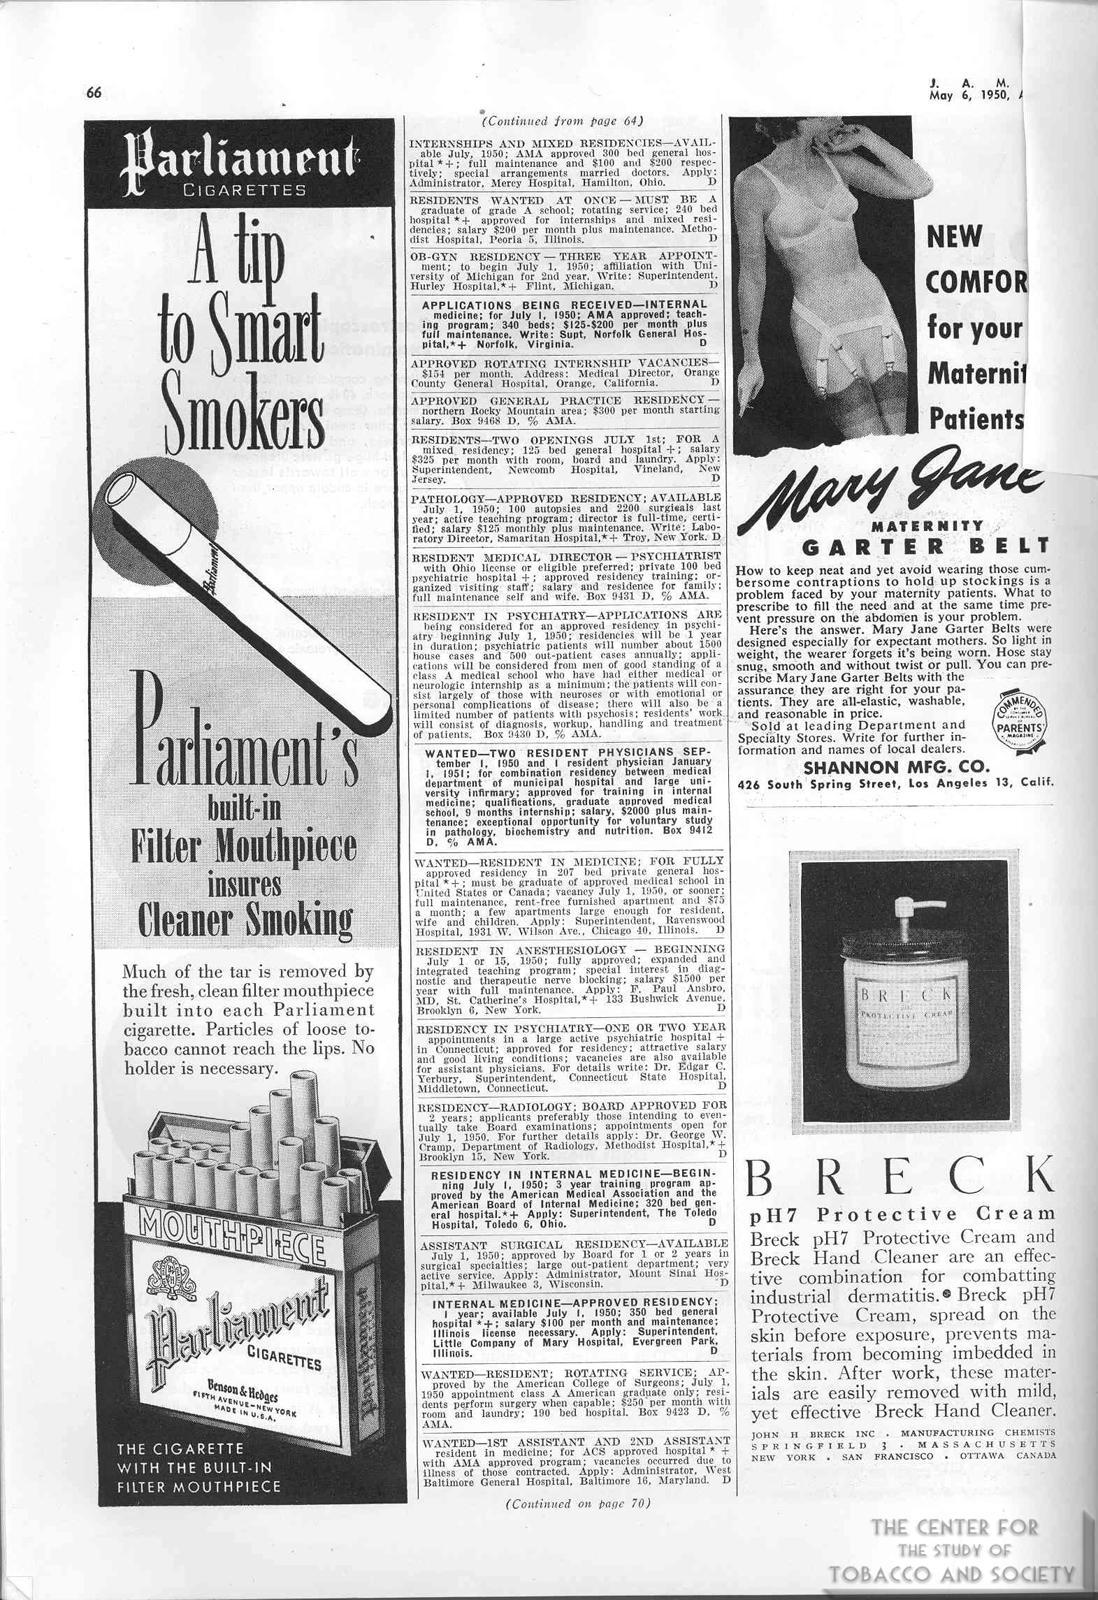 1950 05 06 JAMA V. 143 No 1 Parliament Ad